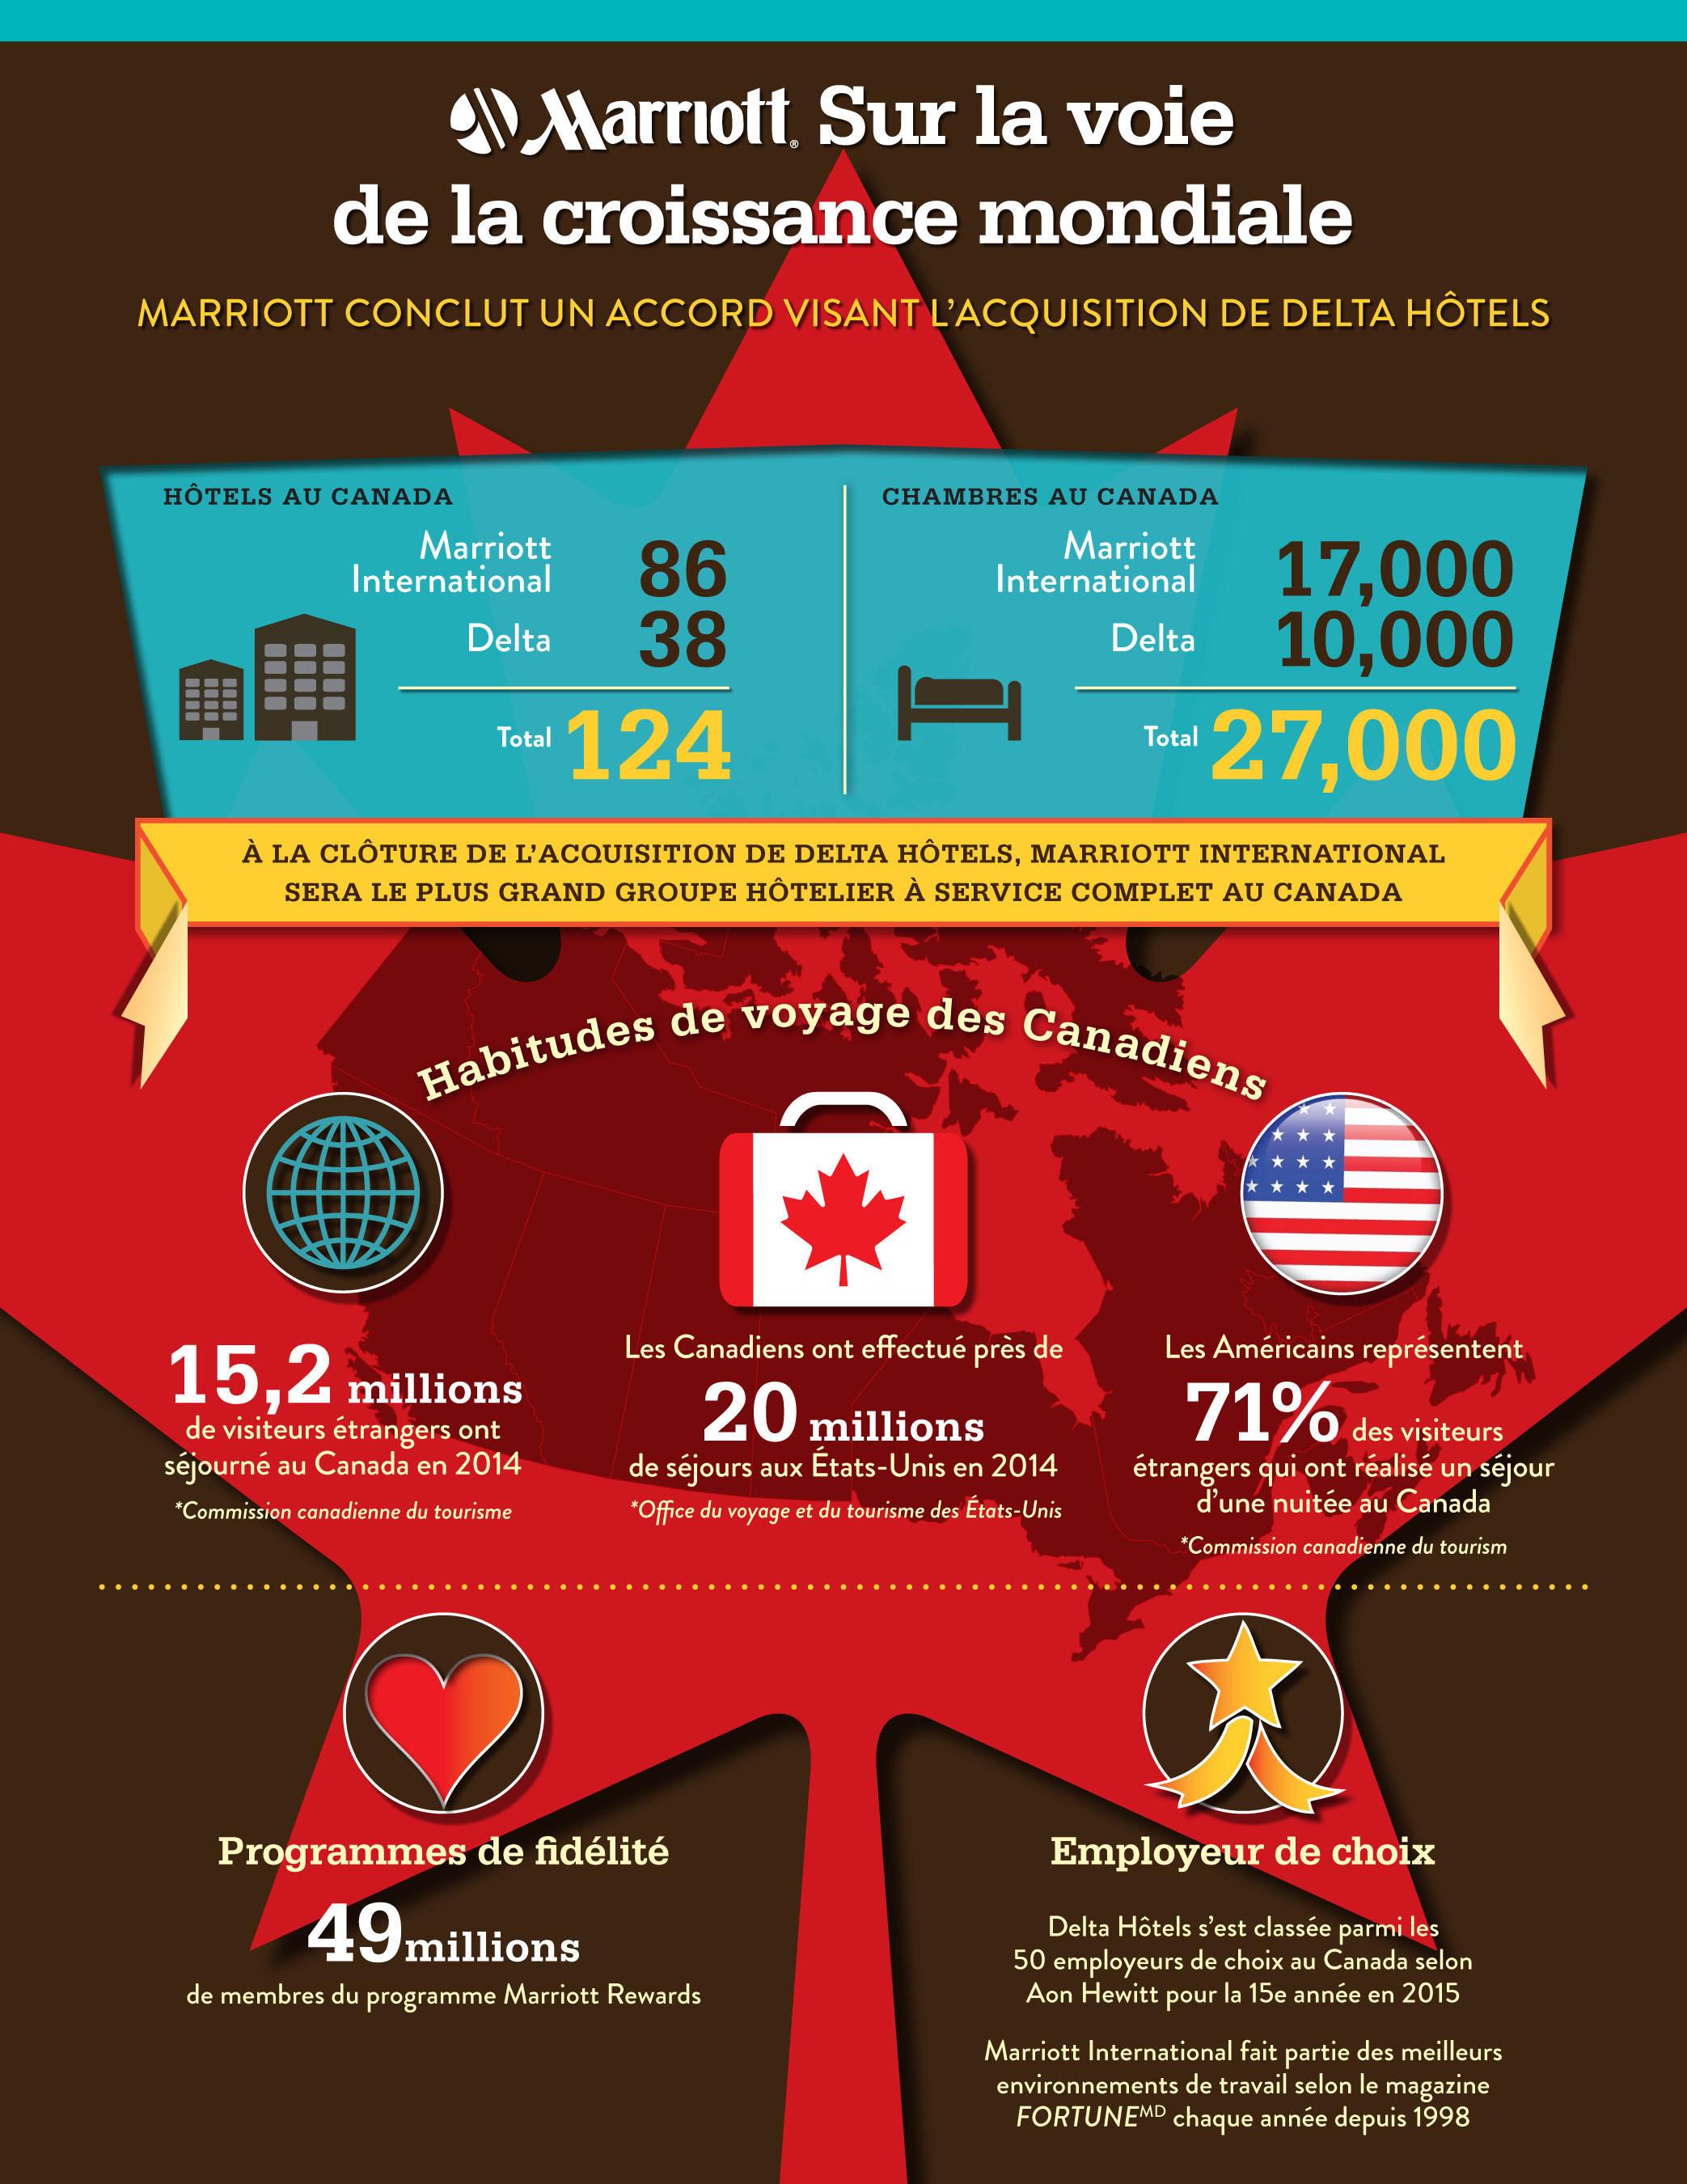 Marriott Sur la voie de la croissance mondiale